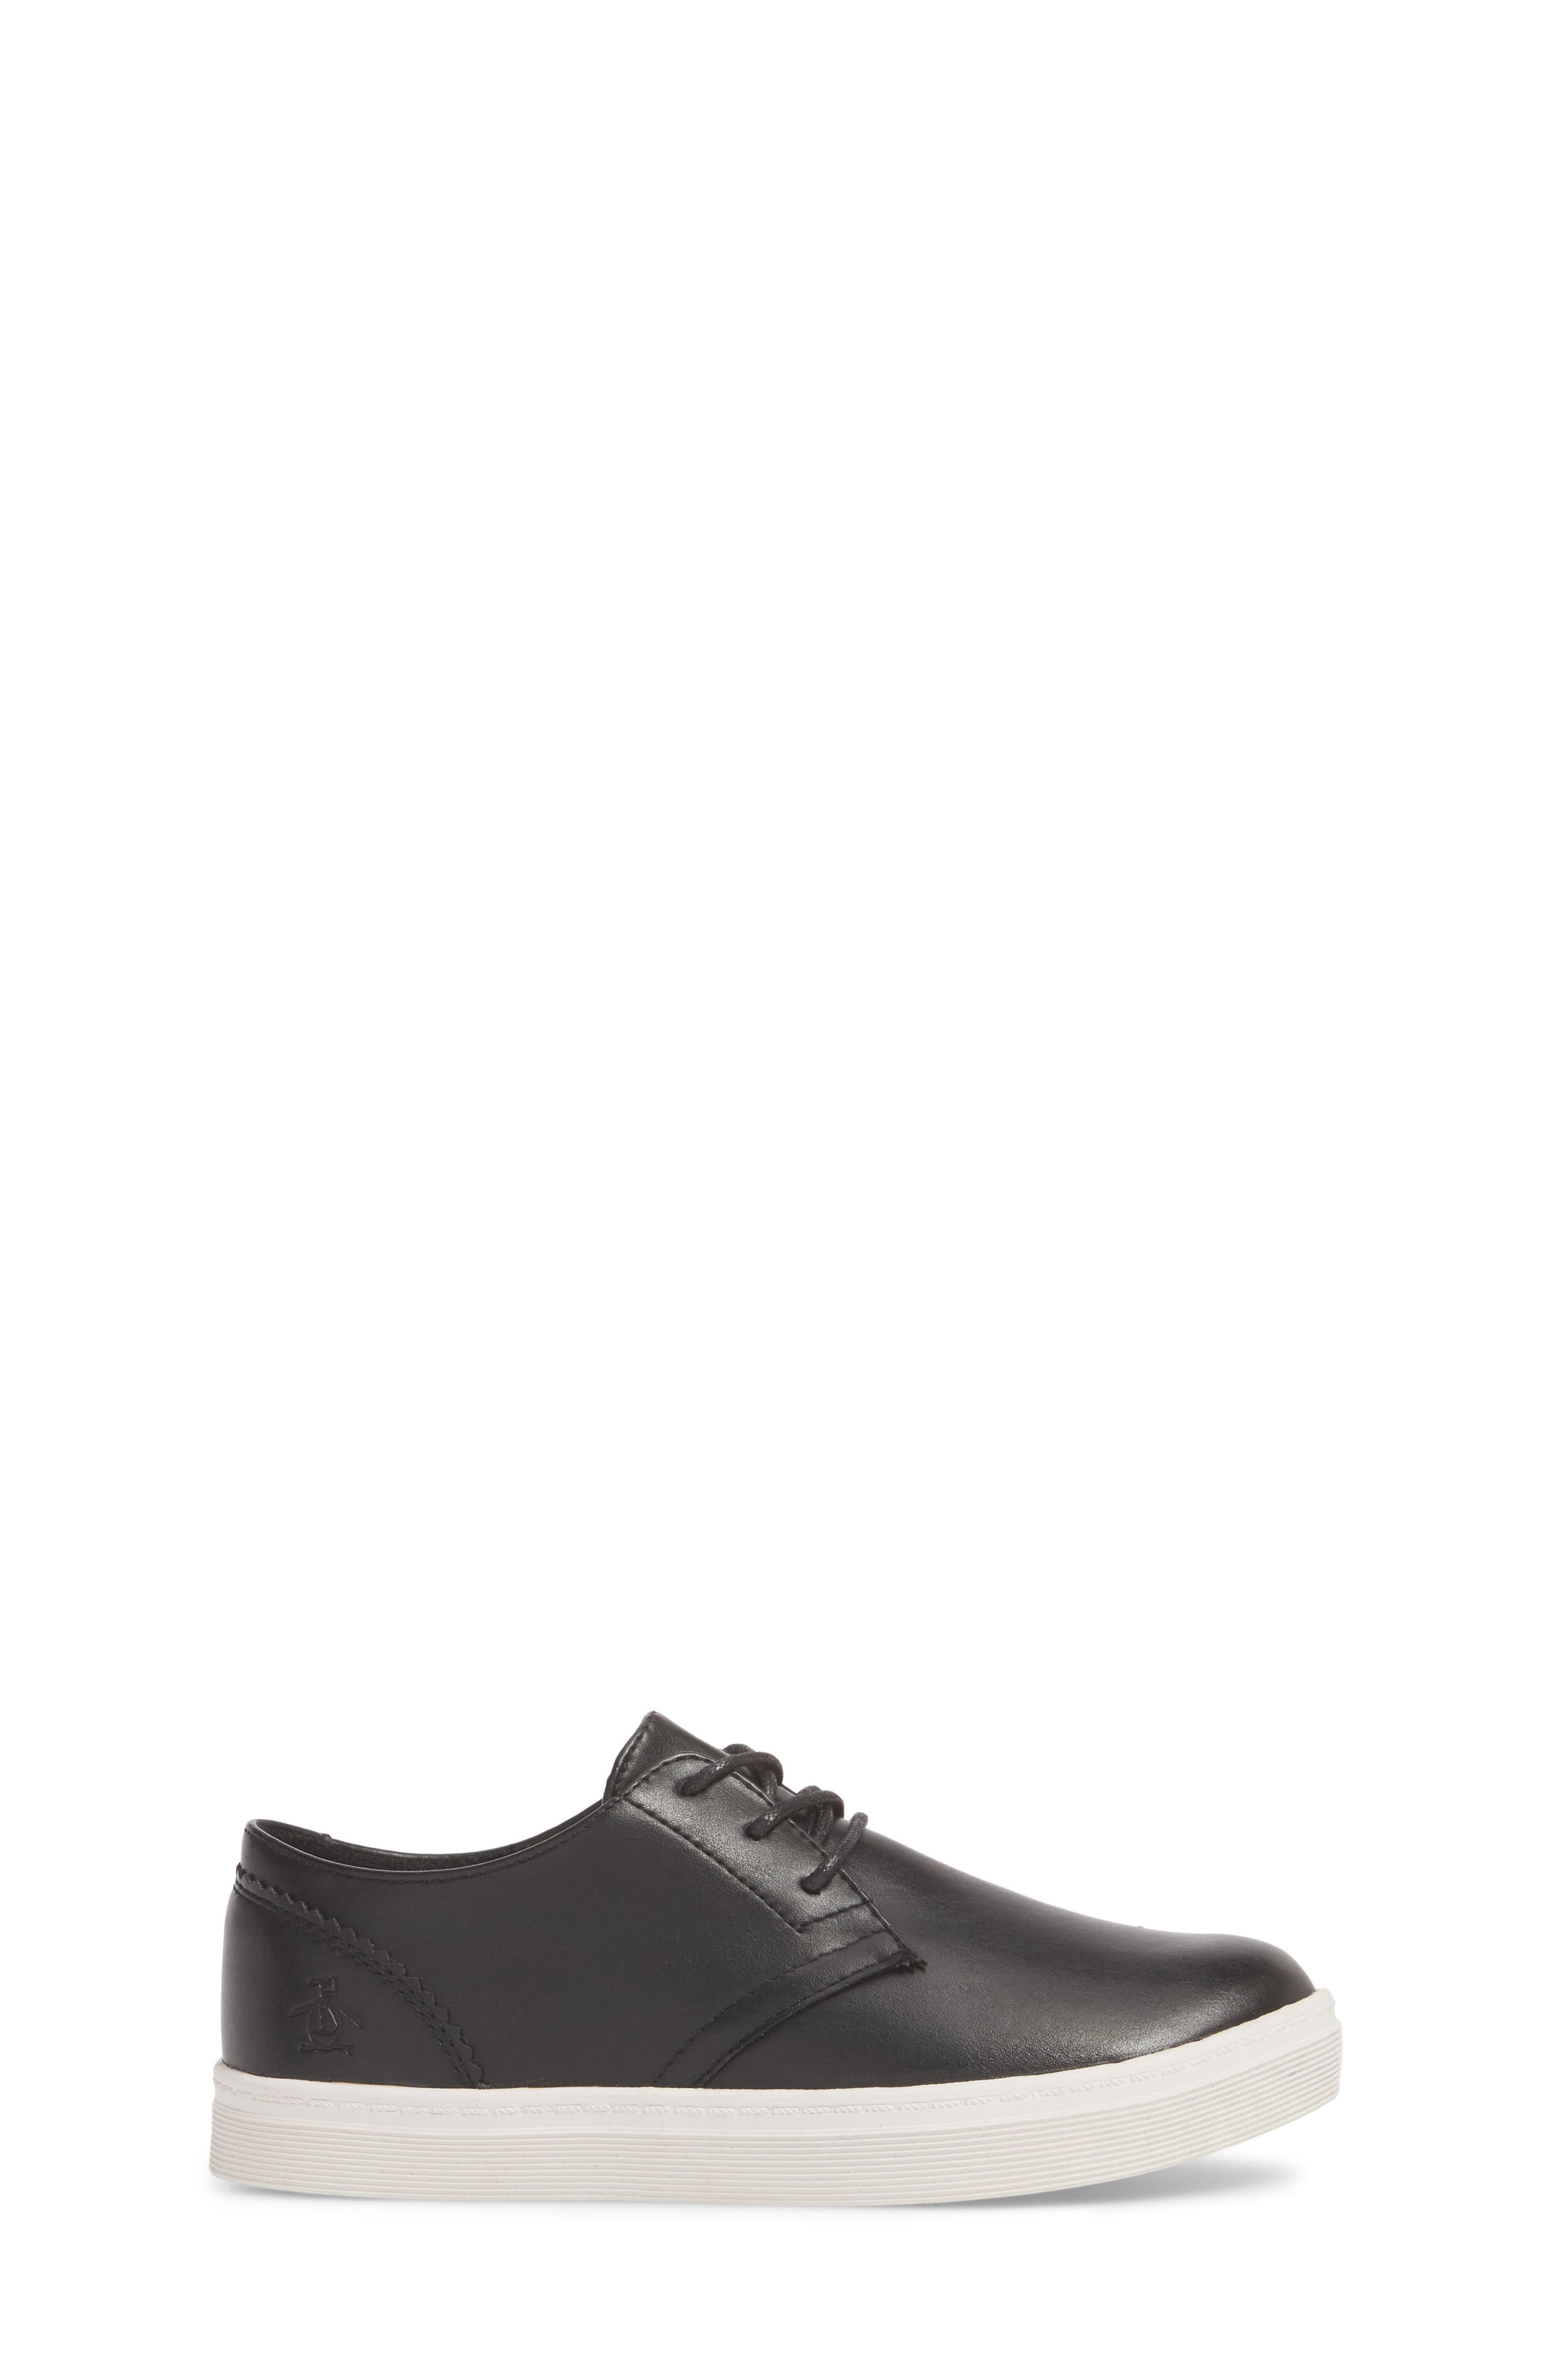 Freeland Sneaker,                             Alternate thumbnail 3, color,                             Black